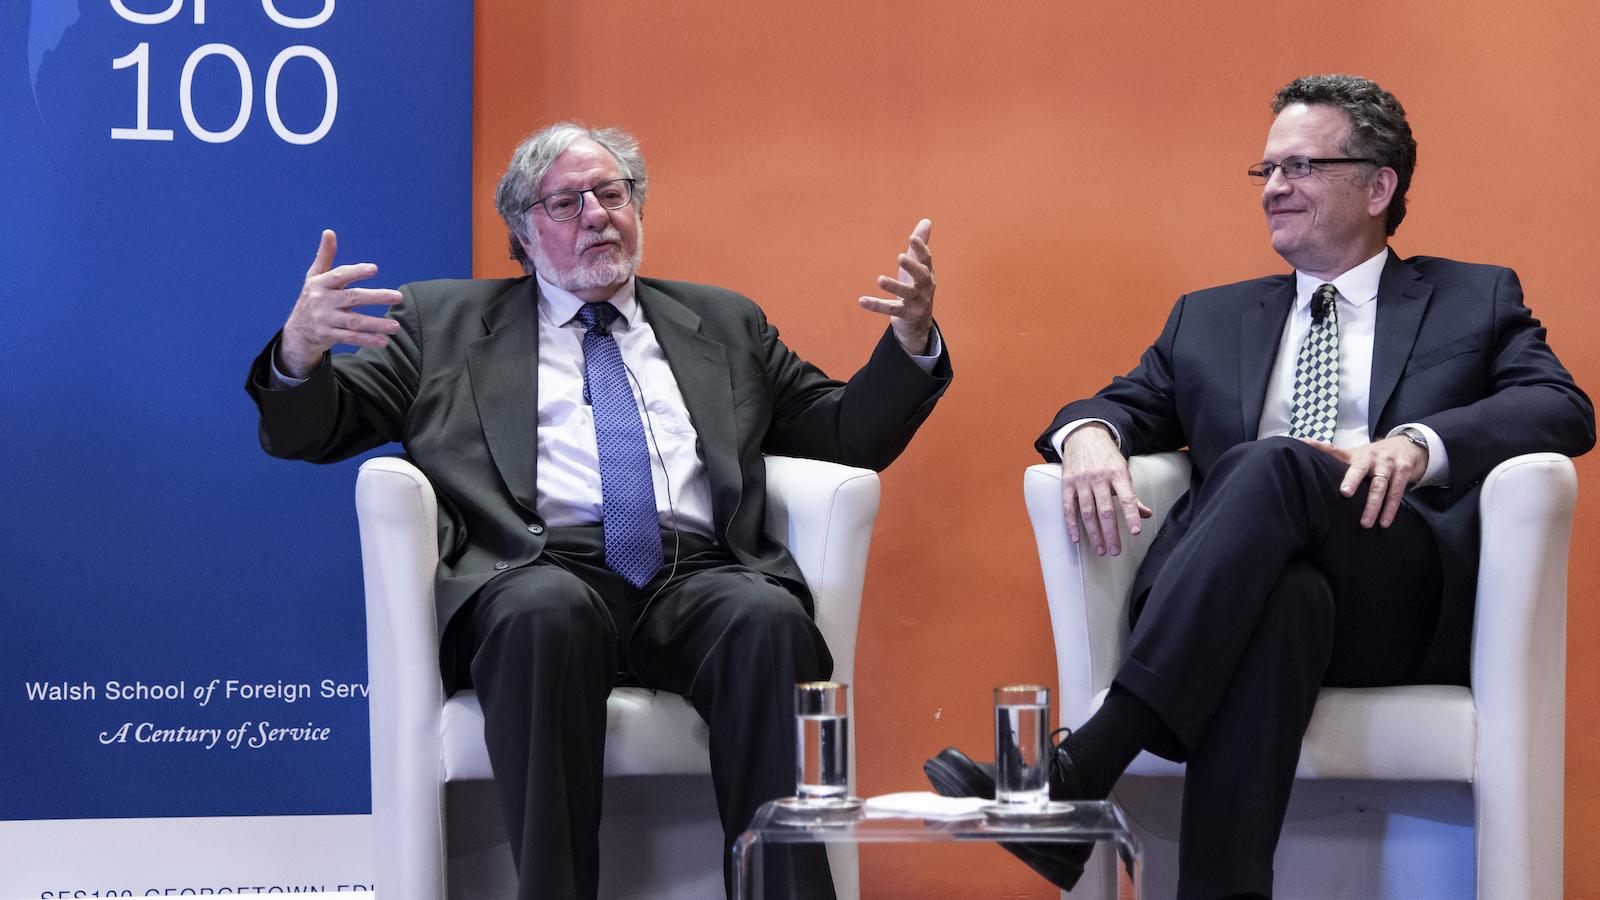 José Casanova and Thomas Banchoff in conversation